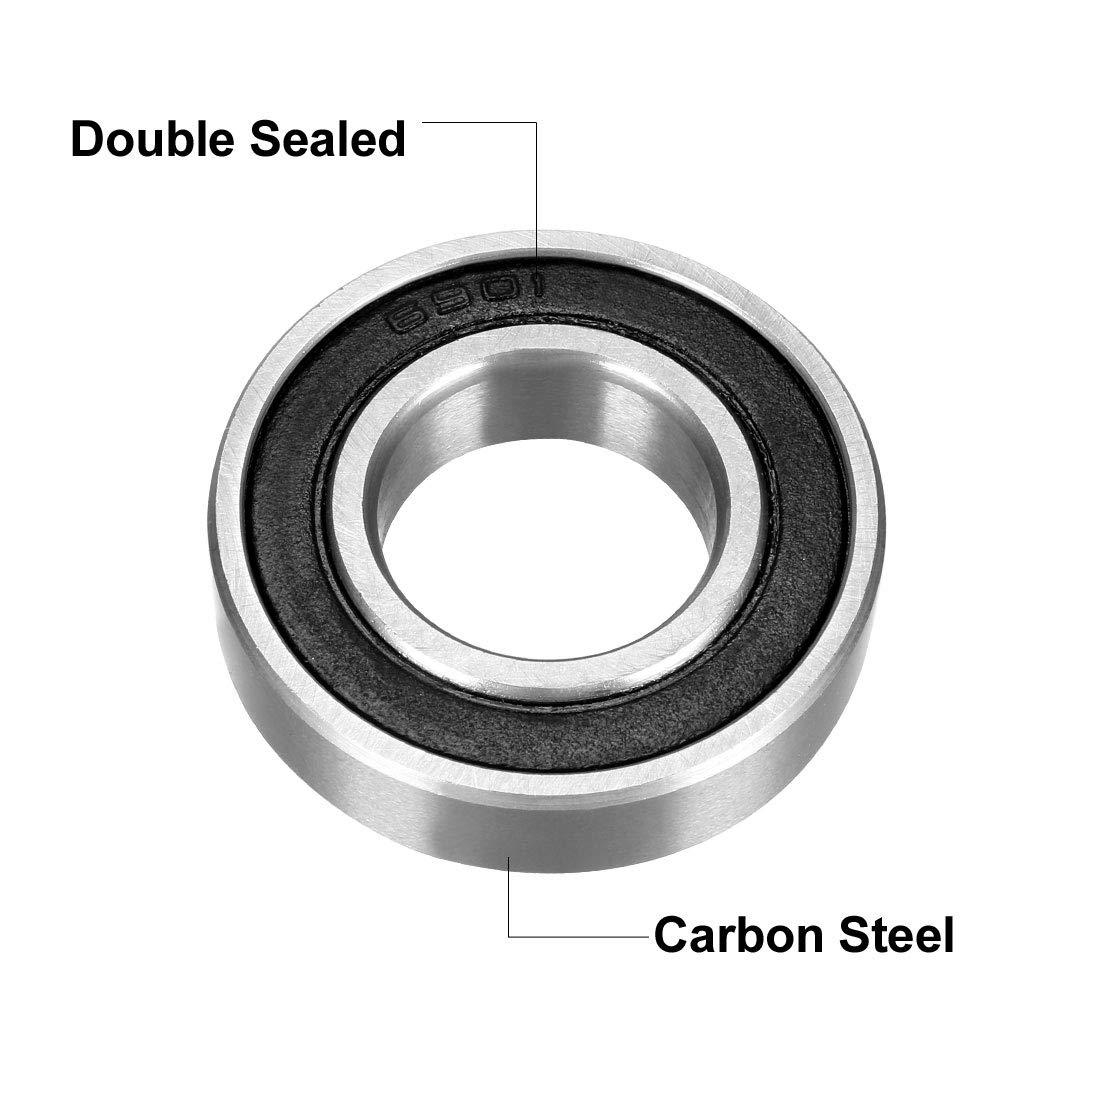 2RS Deep Groove Roulement /à billes double Sealed 1180901 Carte de Source 6901 12/mm x 24/mm x 6/mm en acier au carbone Roulements lot de 2